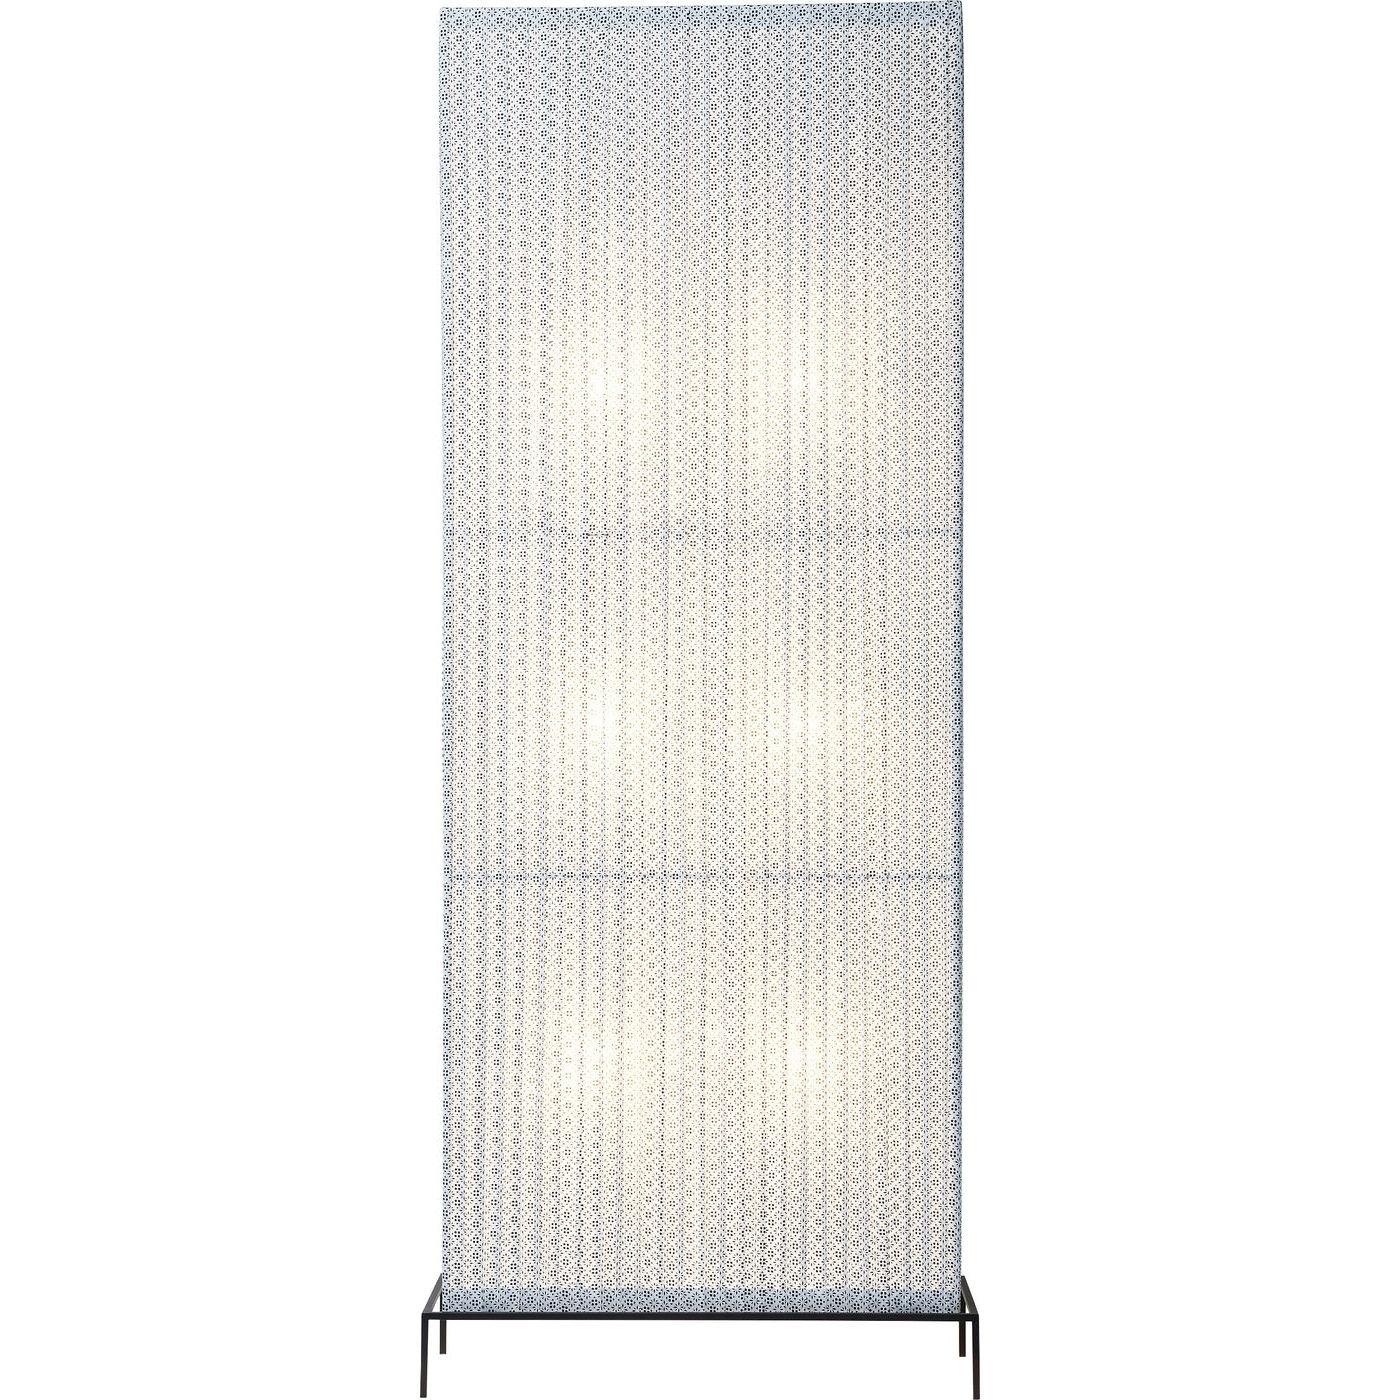 Stehlampe Rectangular Schwarz & weiß 185cm